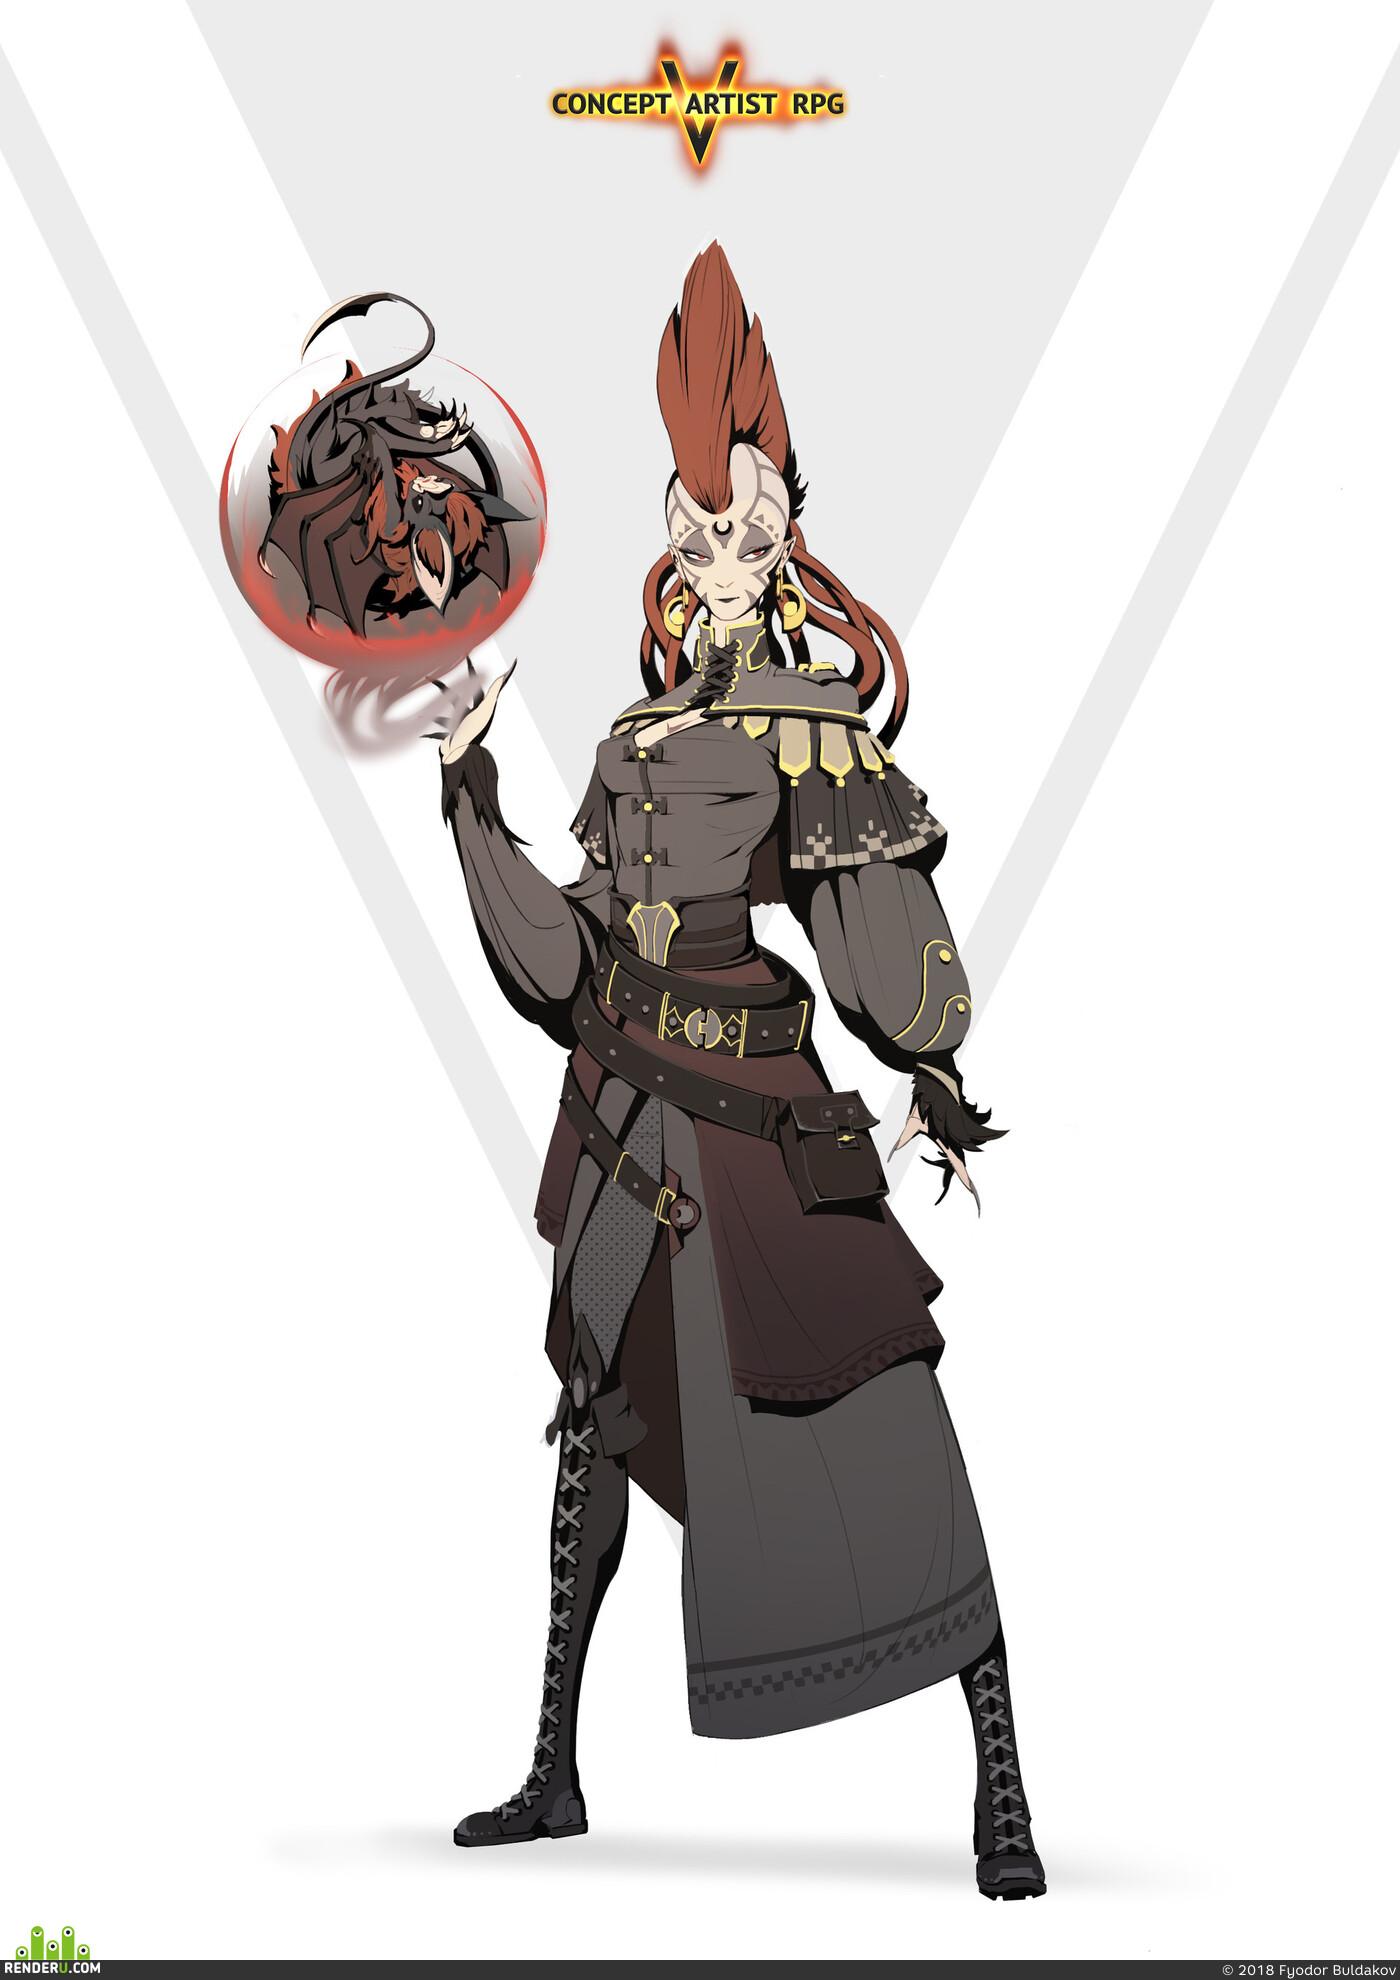 ConceptartistRPG, character, design_character, Characters characterdesign characterart, characters_design, fantasfantasy, Fantasy, magic